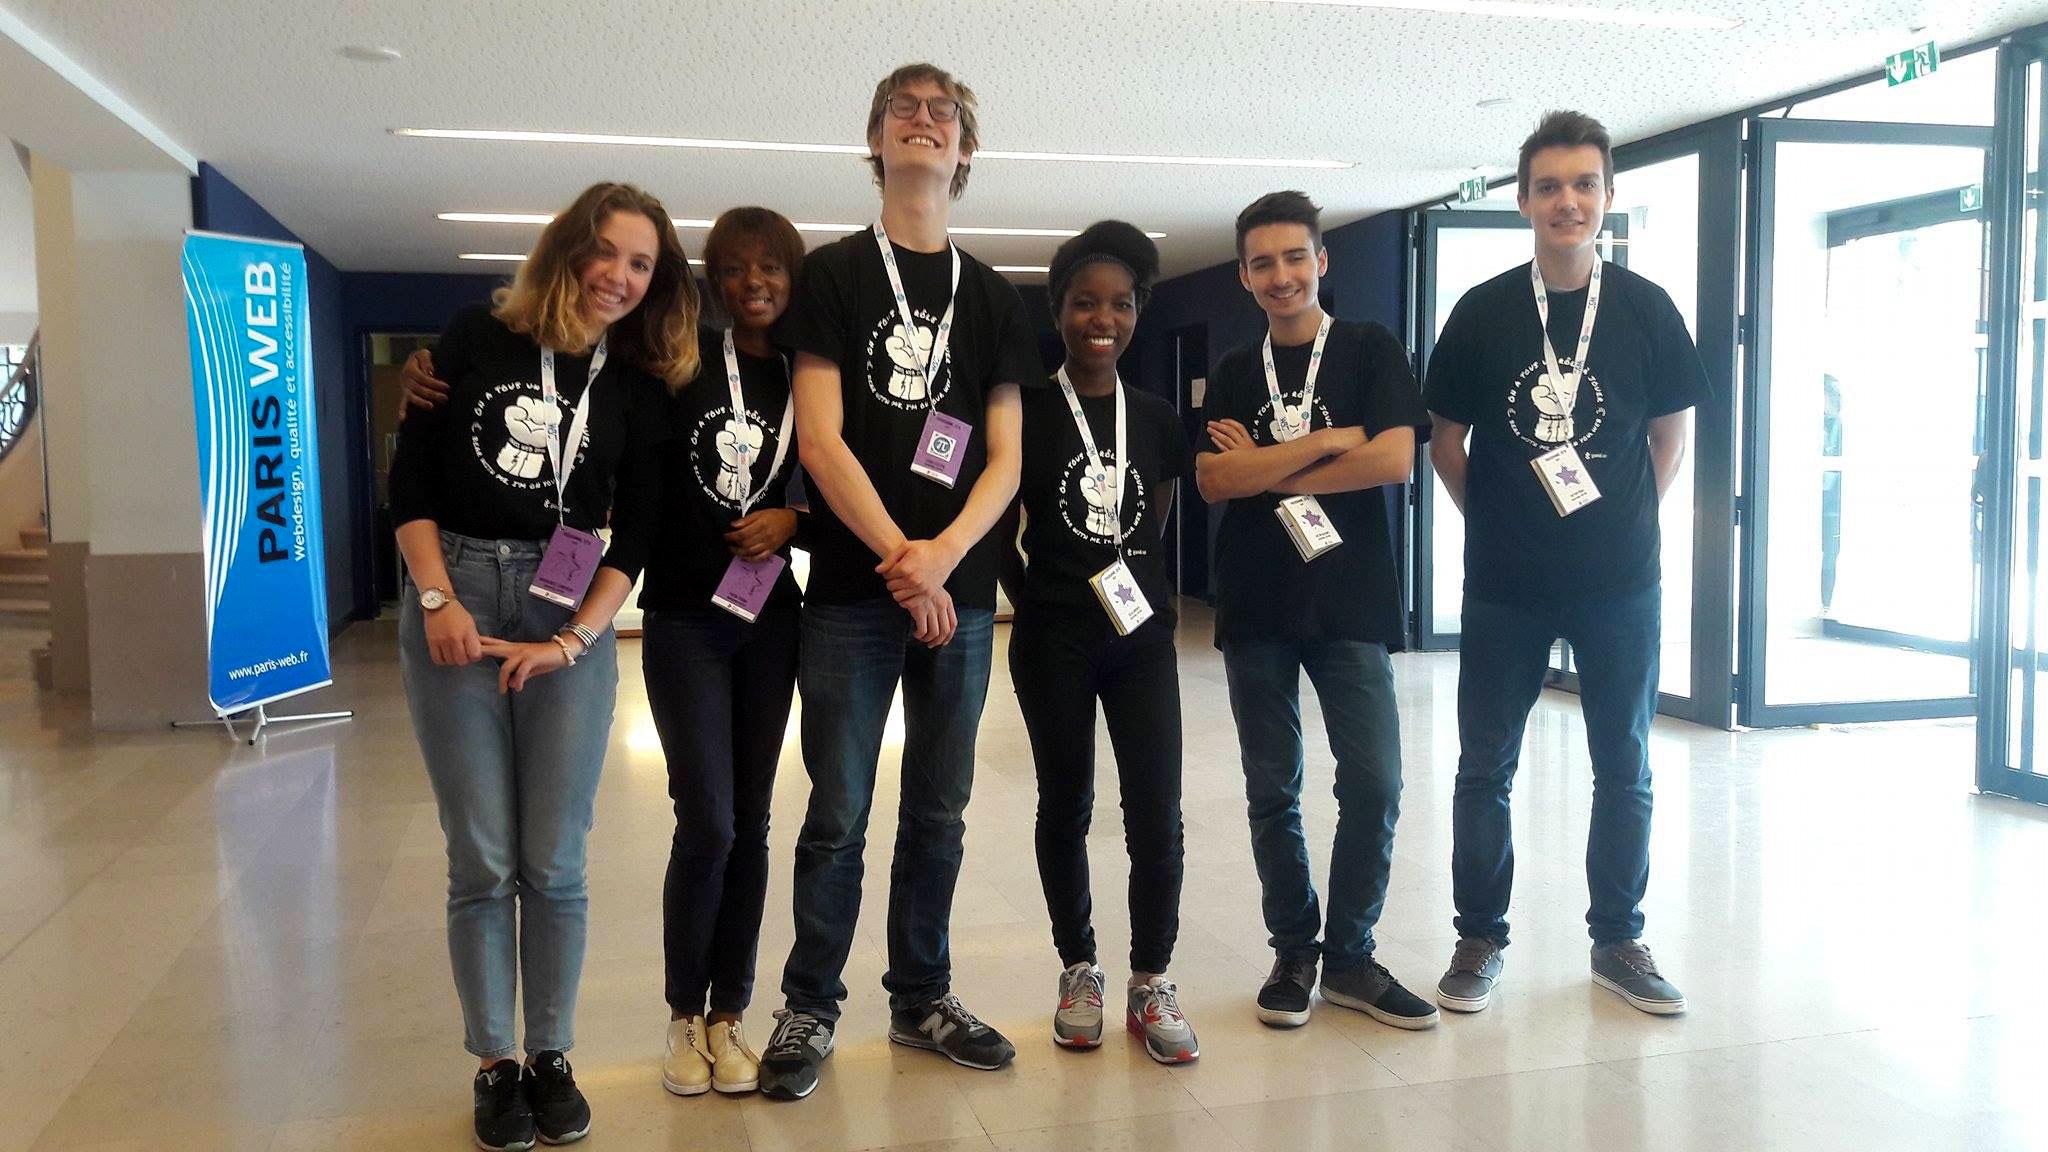 etudiants-webschoolfactory-parisweb